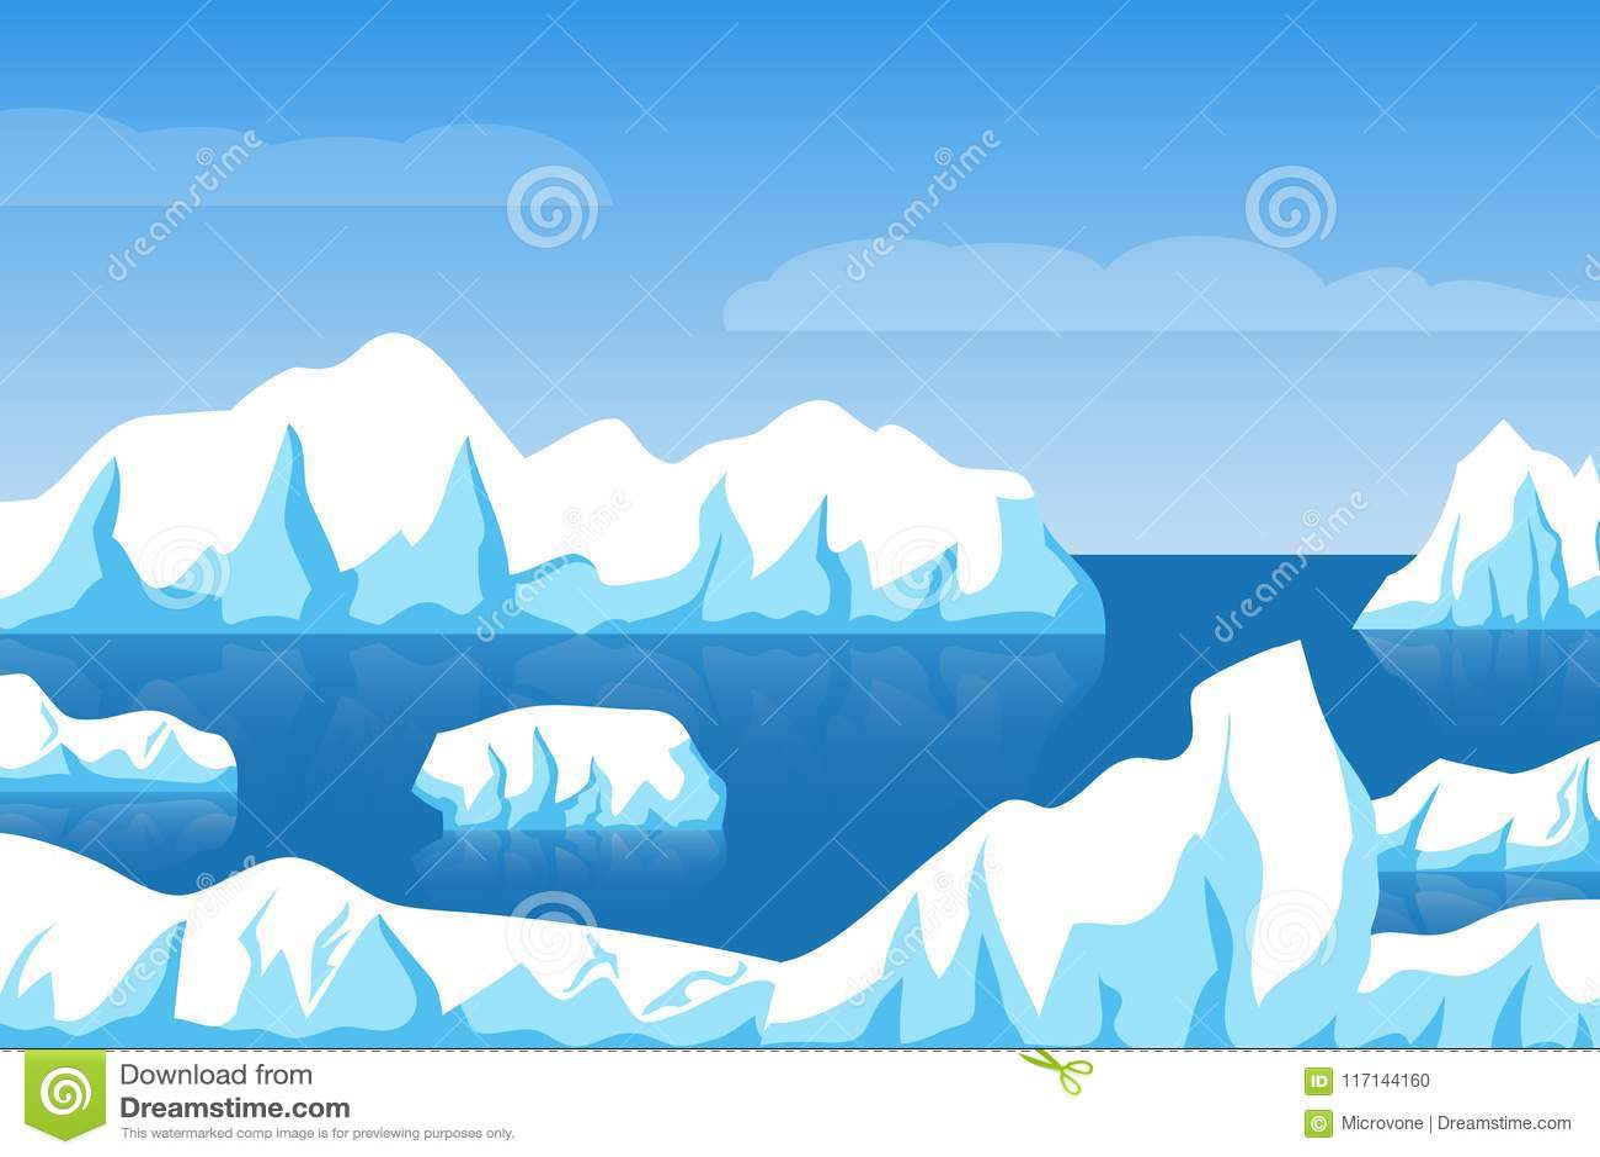 Landskap för is för arktisk eller för antarctic för tecknad filmvinter polart med isberget i havsvektorillustration